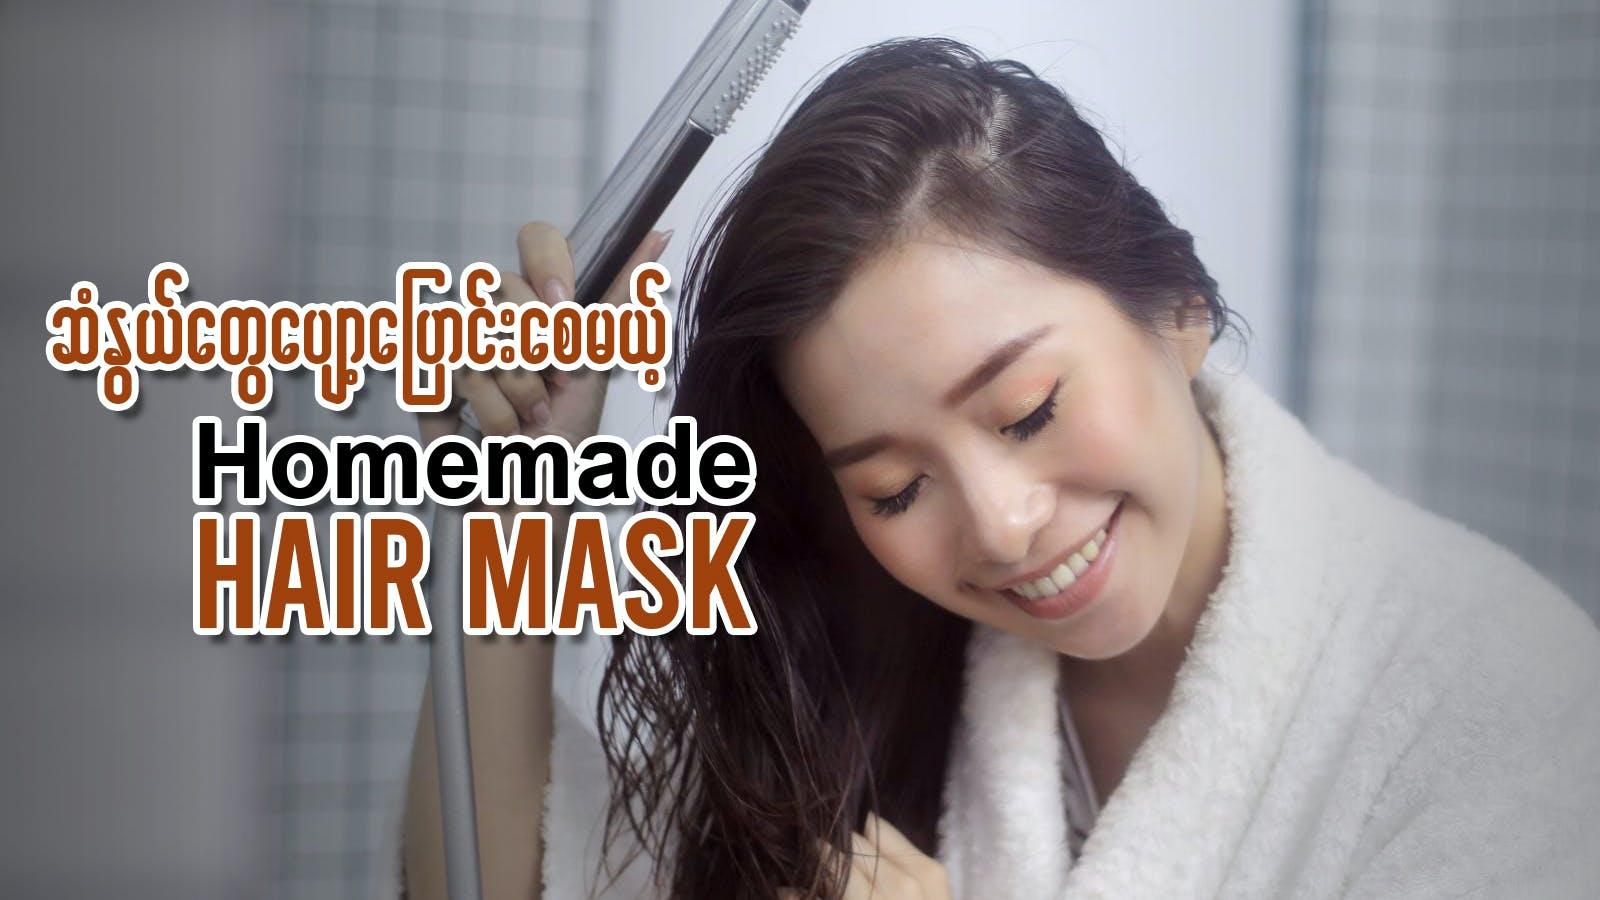 လွယ်ကူထိရောက်တဲ့ Homemade Hair Mask